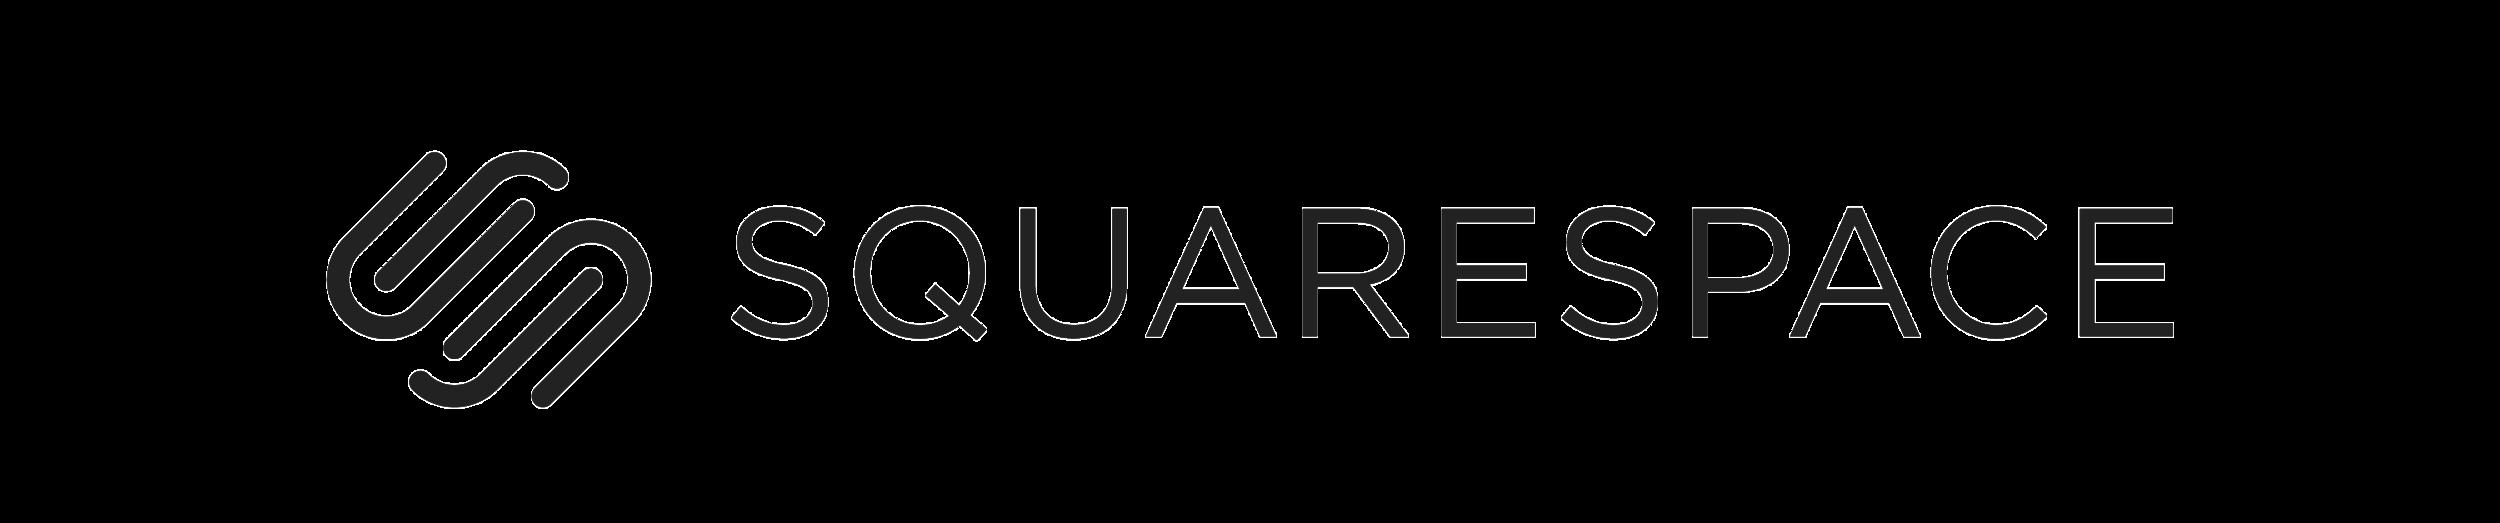 Squarespace som hemsideverktyg